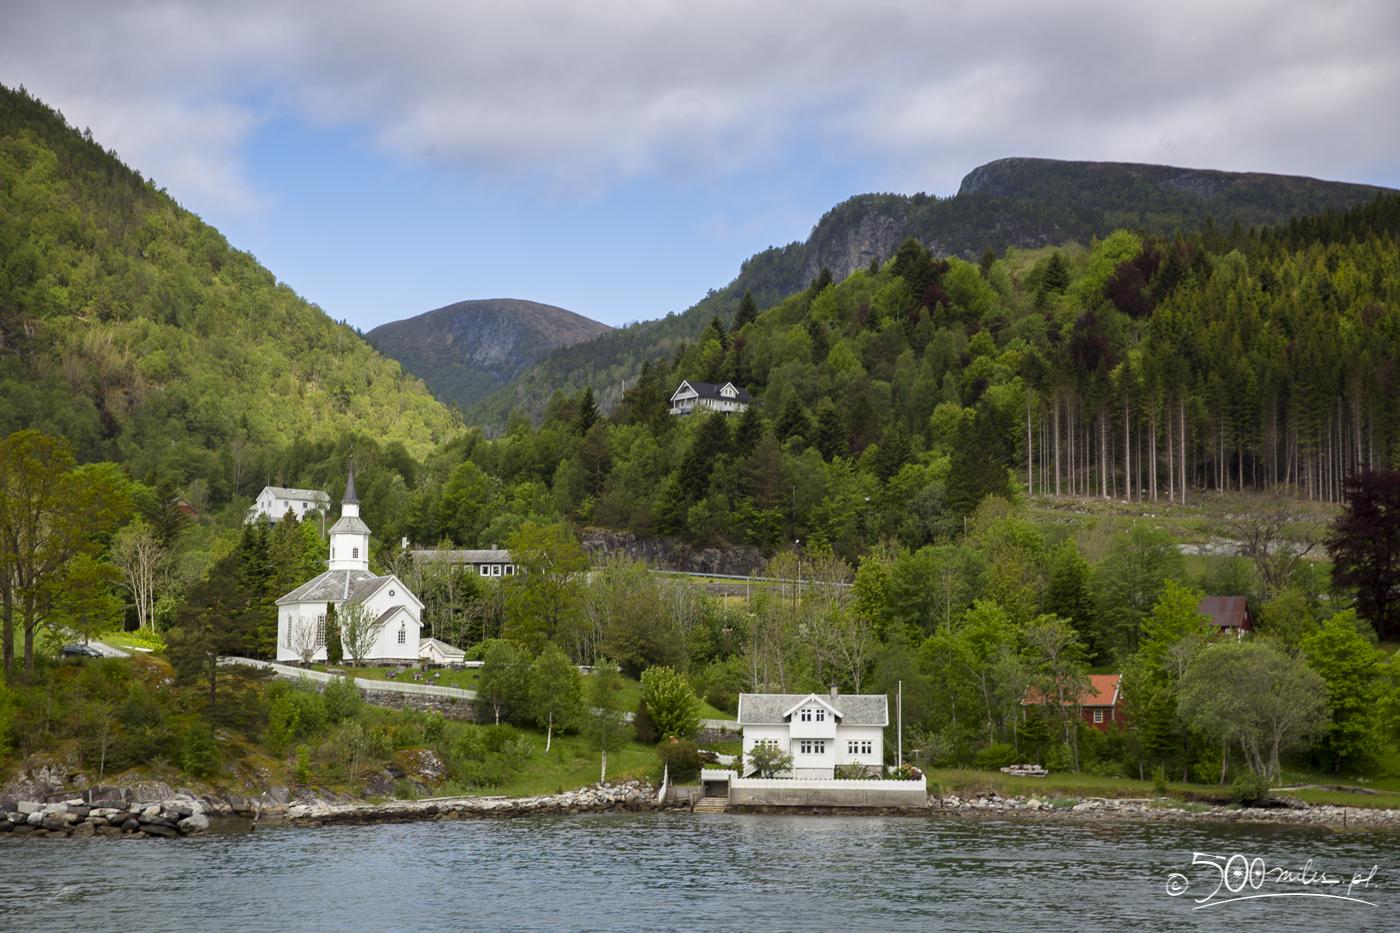 Lavik, Norway